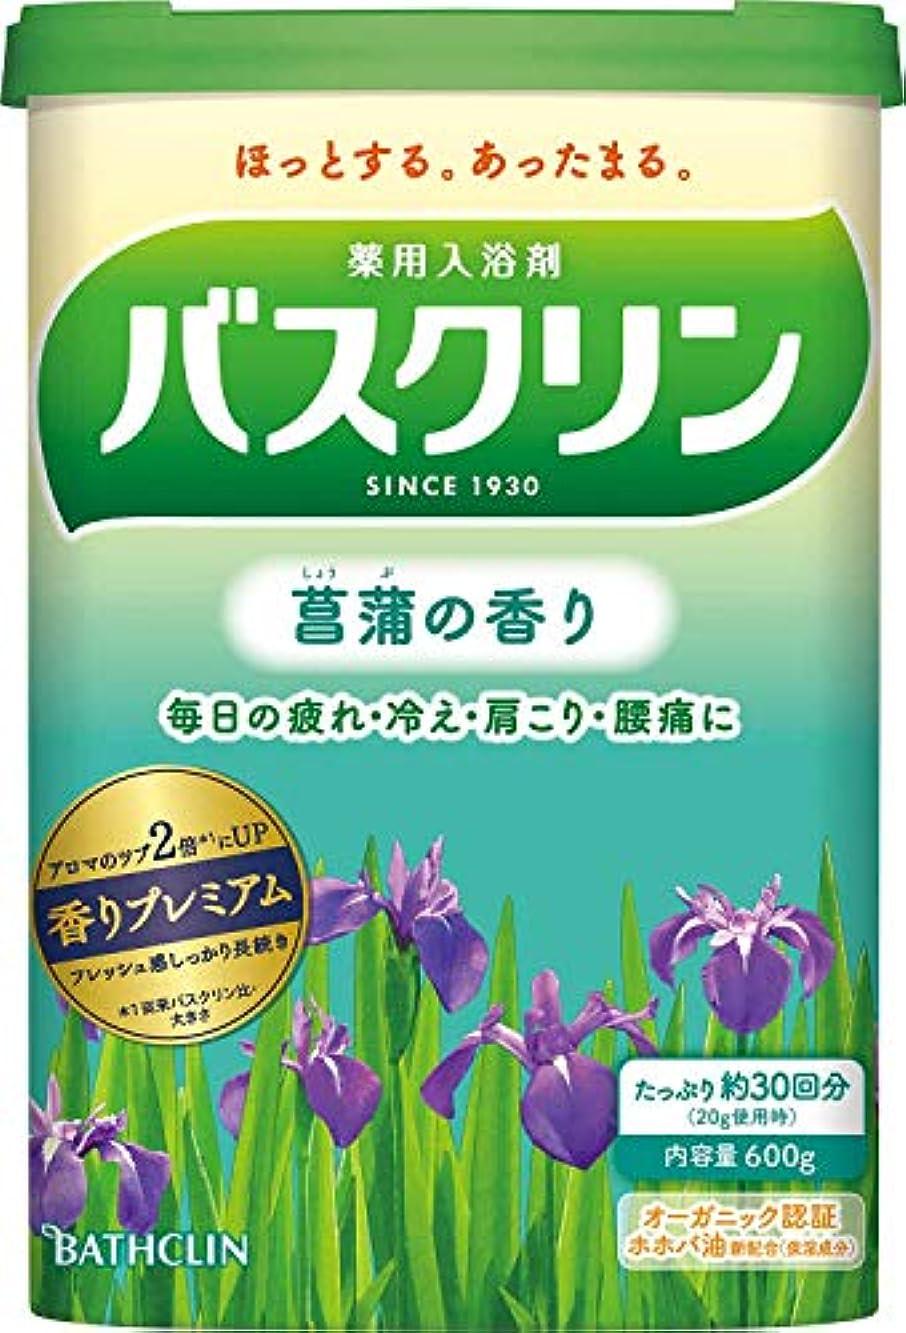 収束登録する戦艦【医薬部外品】バスクリン入浴剤 菖蒲の香り600g(約30回分) 疲労回復